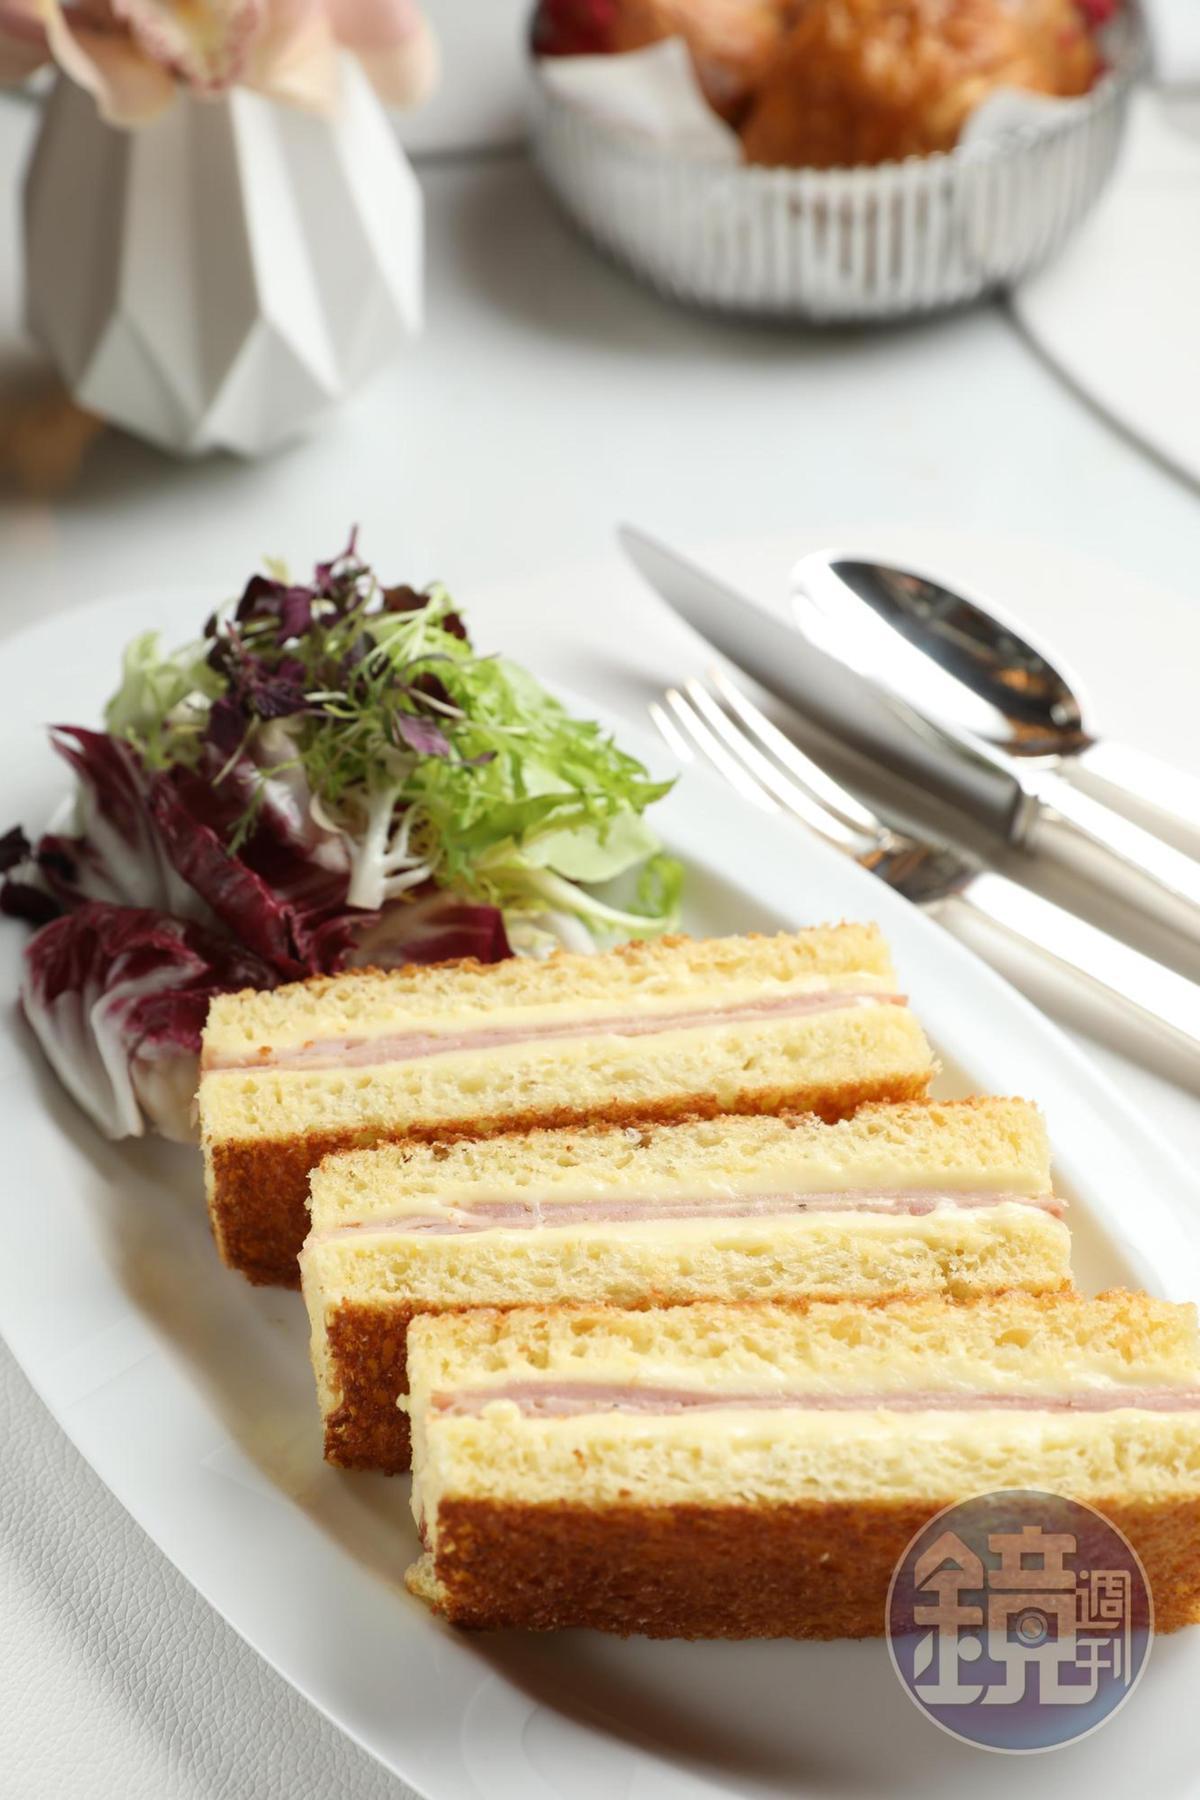 主廚自己最愛的「艾爾曼經典法式三文治」,全天都有供應。(澳門幣138元/份,約NT$524)